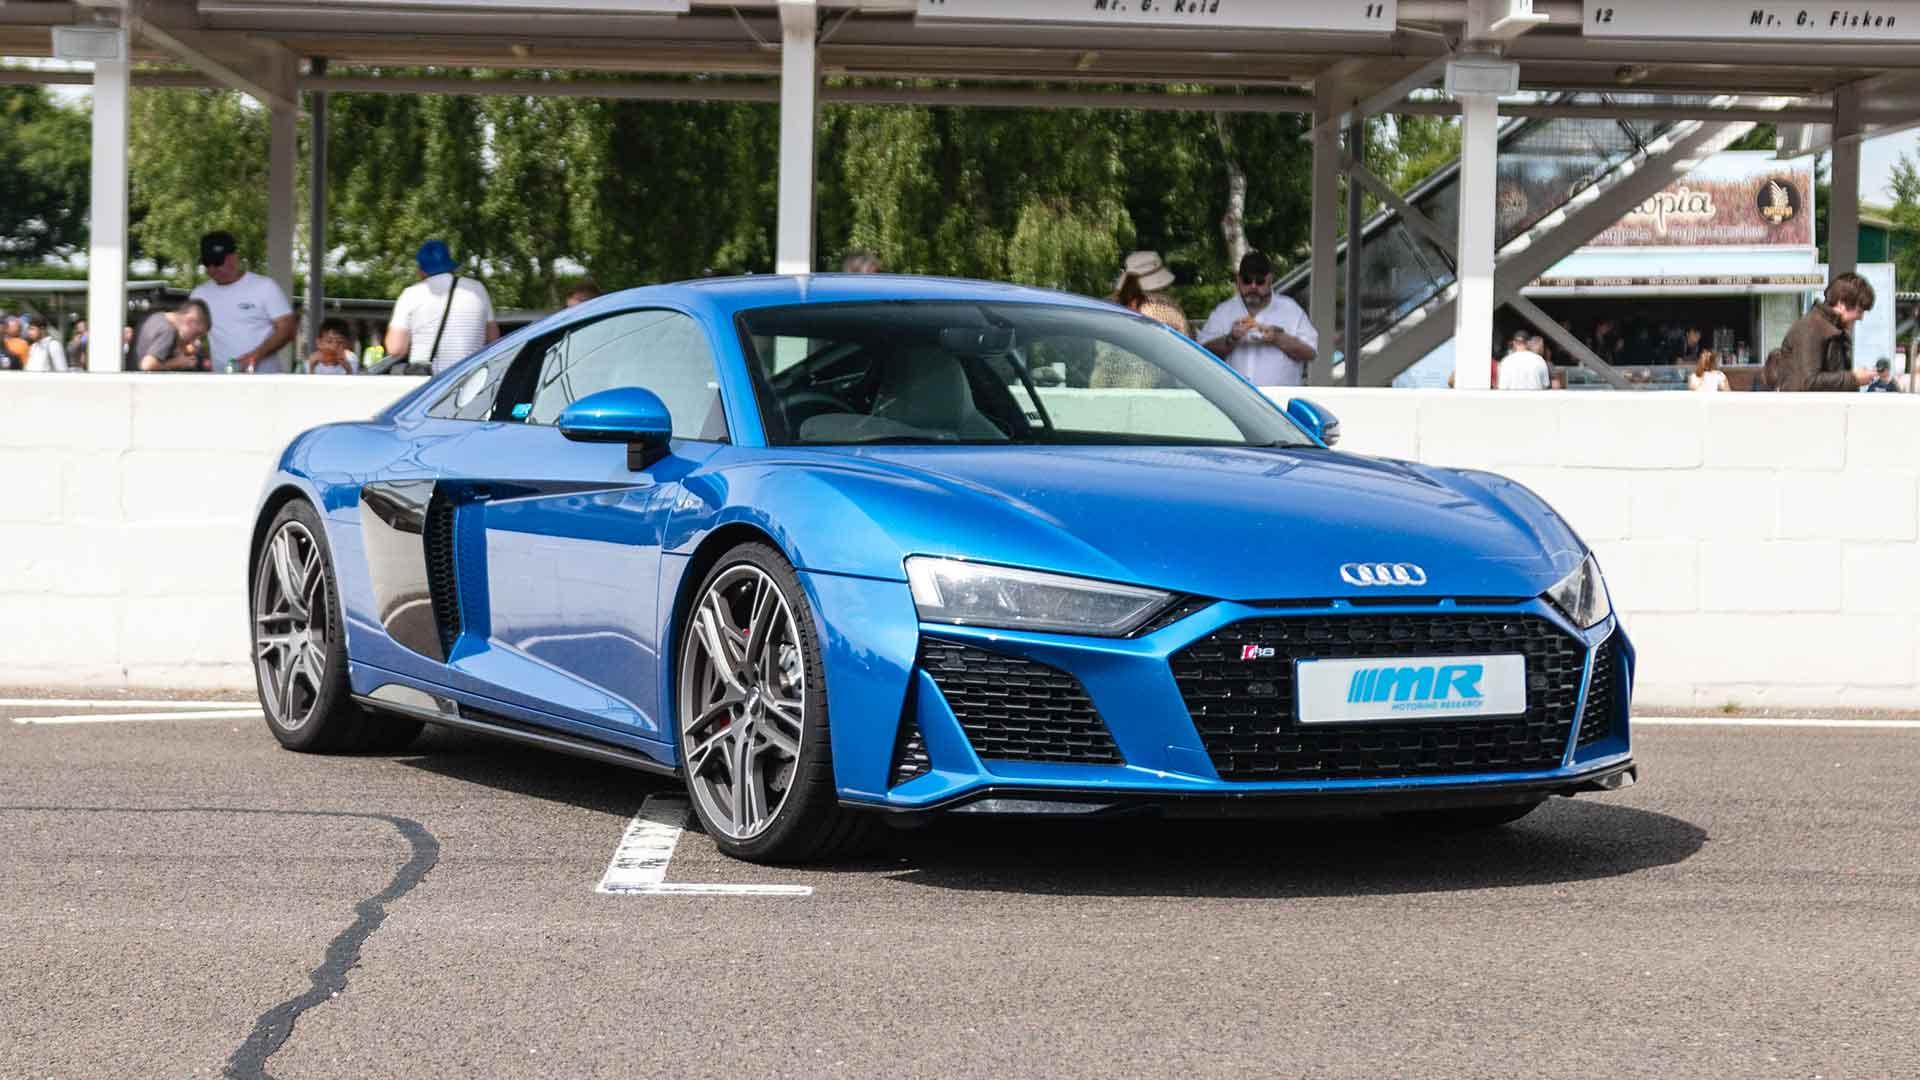 Audi R8 at Goodwood Supercar Sunday